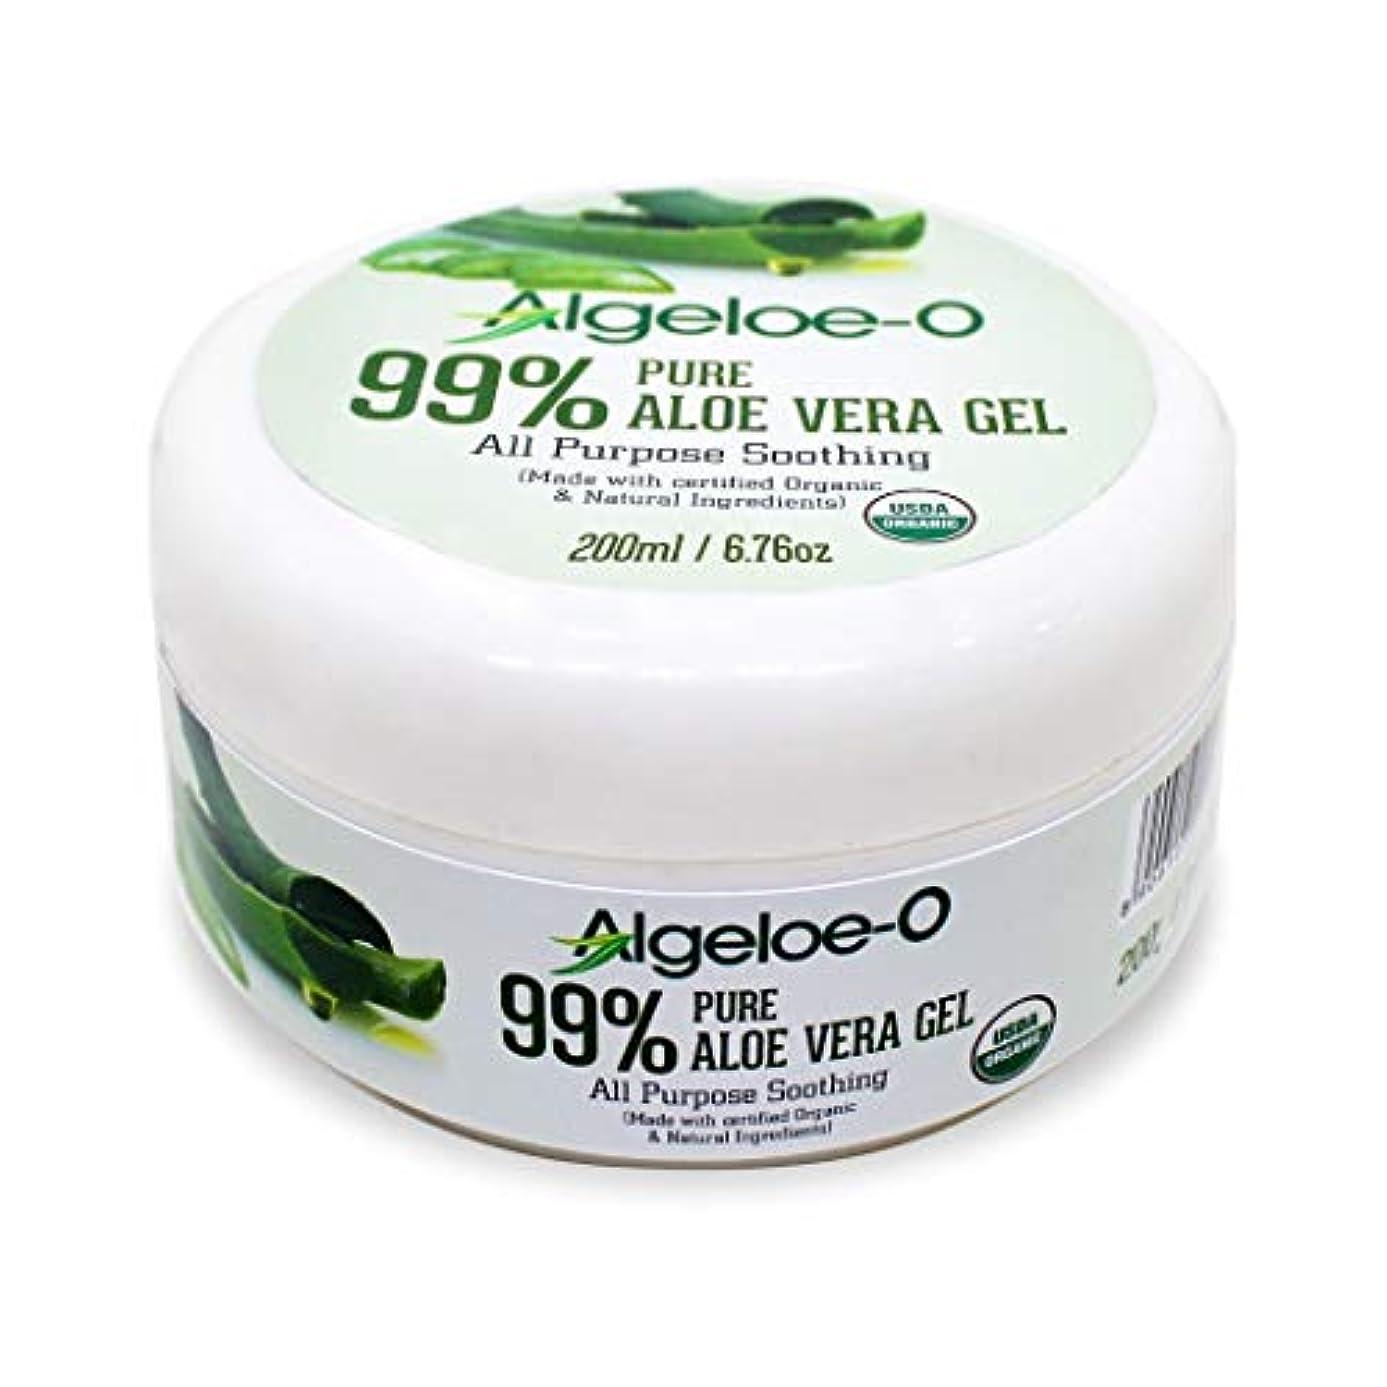 短命優越苦しむAlgeloe-O  Organic Aloe Vera Gel 99% Pure Natural made with USDA Certified Aloe Vera Powder Paraben, sulfate free...